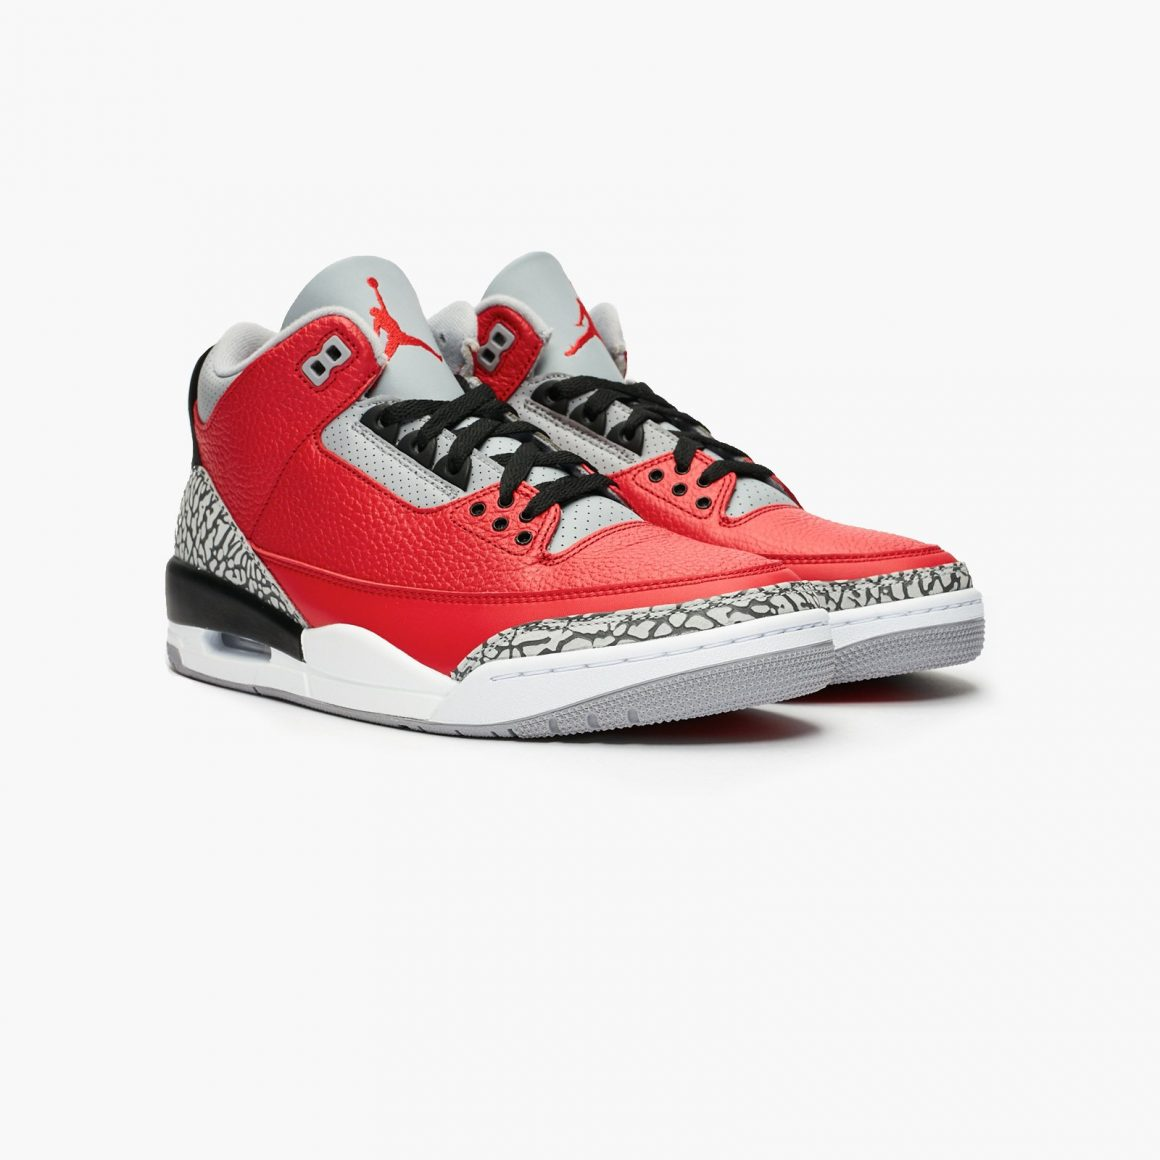 Air Jordan 3 Retro SE ''Unite'' - CK5692-600